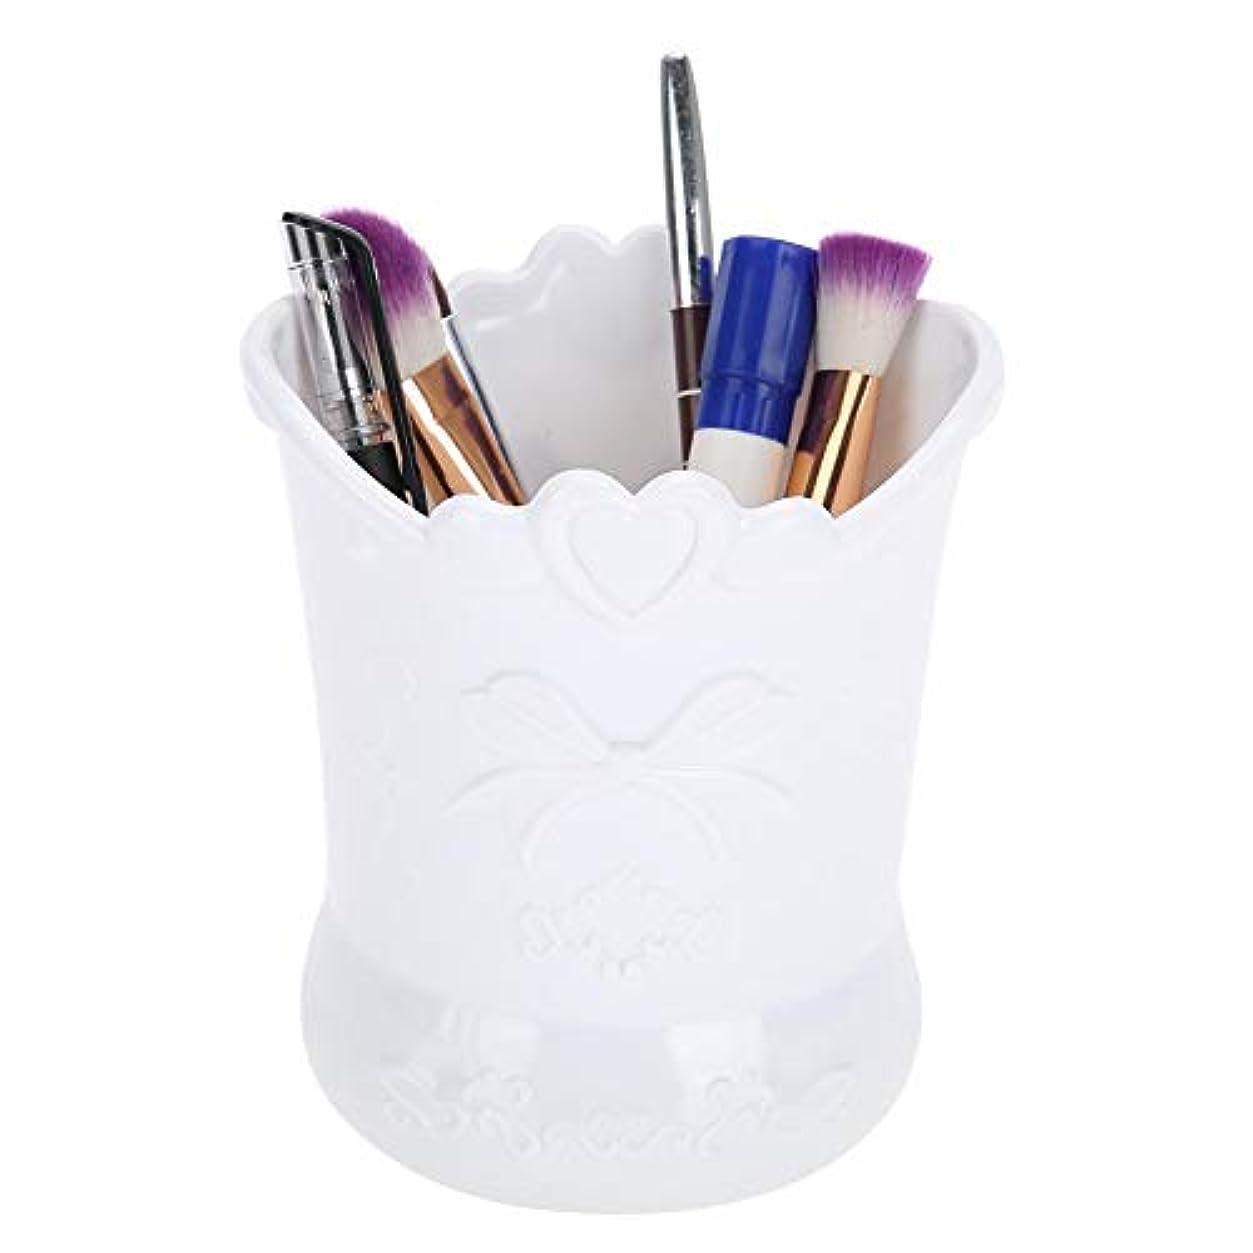 作曲する天のくぼみ芸術的な釘のための箱、ネイルペイント/ブラシ/マニキュアツールのためのペンのためのペンホルダー、店のマニキュアツール、化粧品、文房具